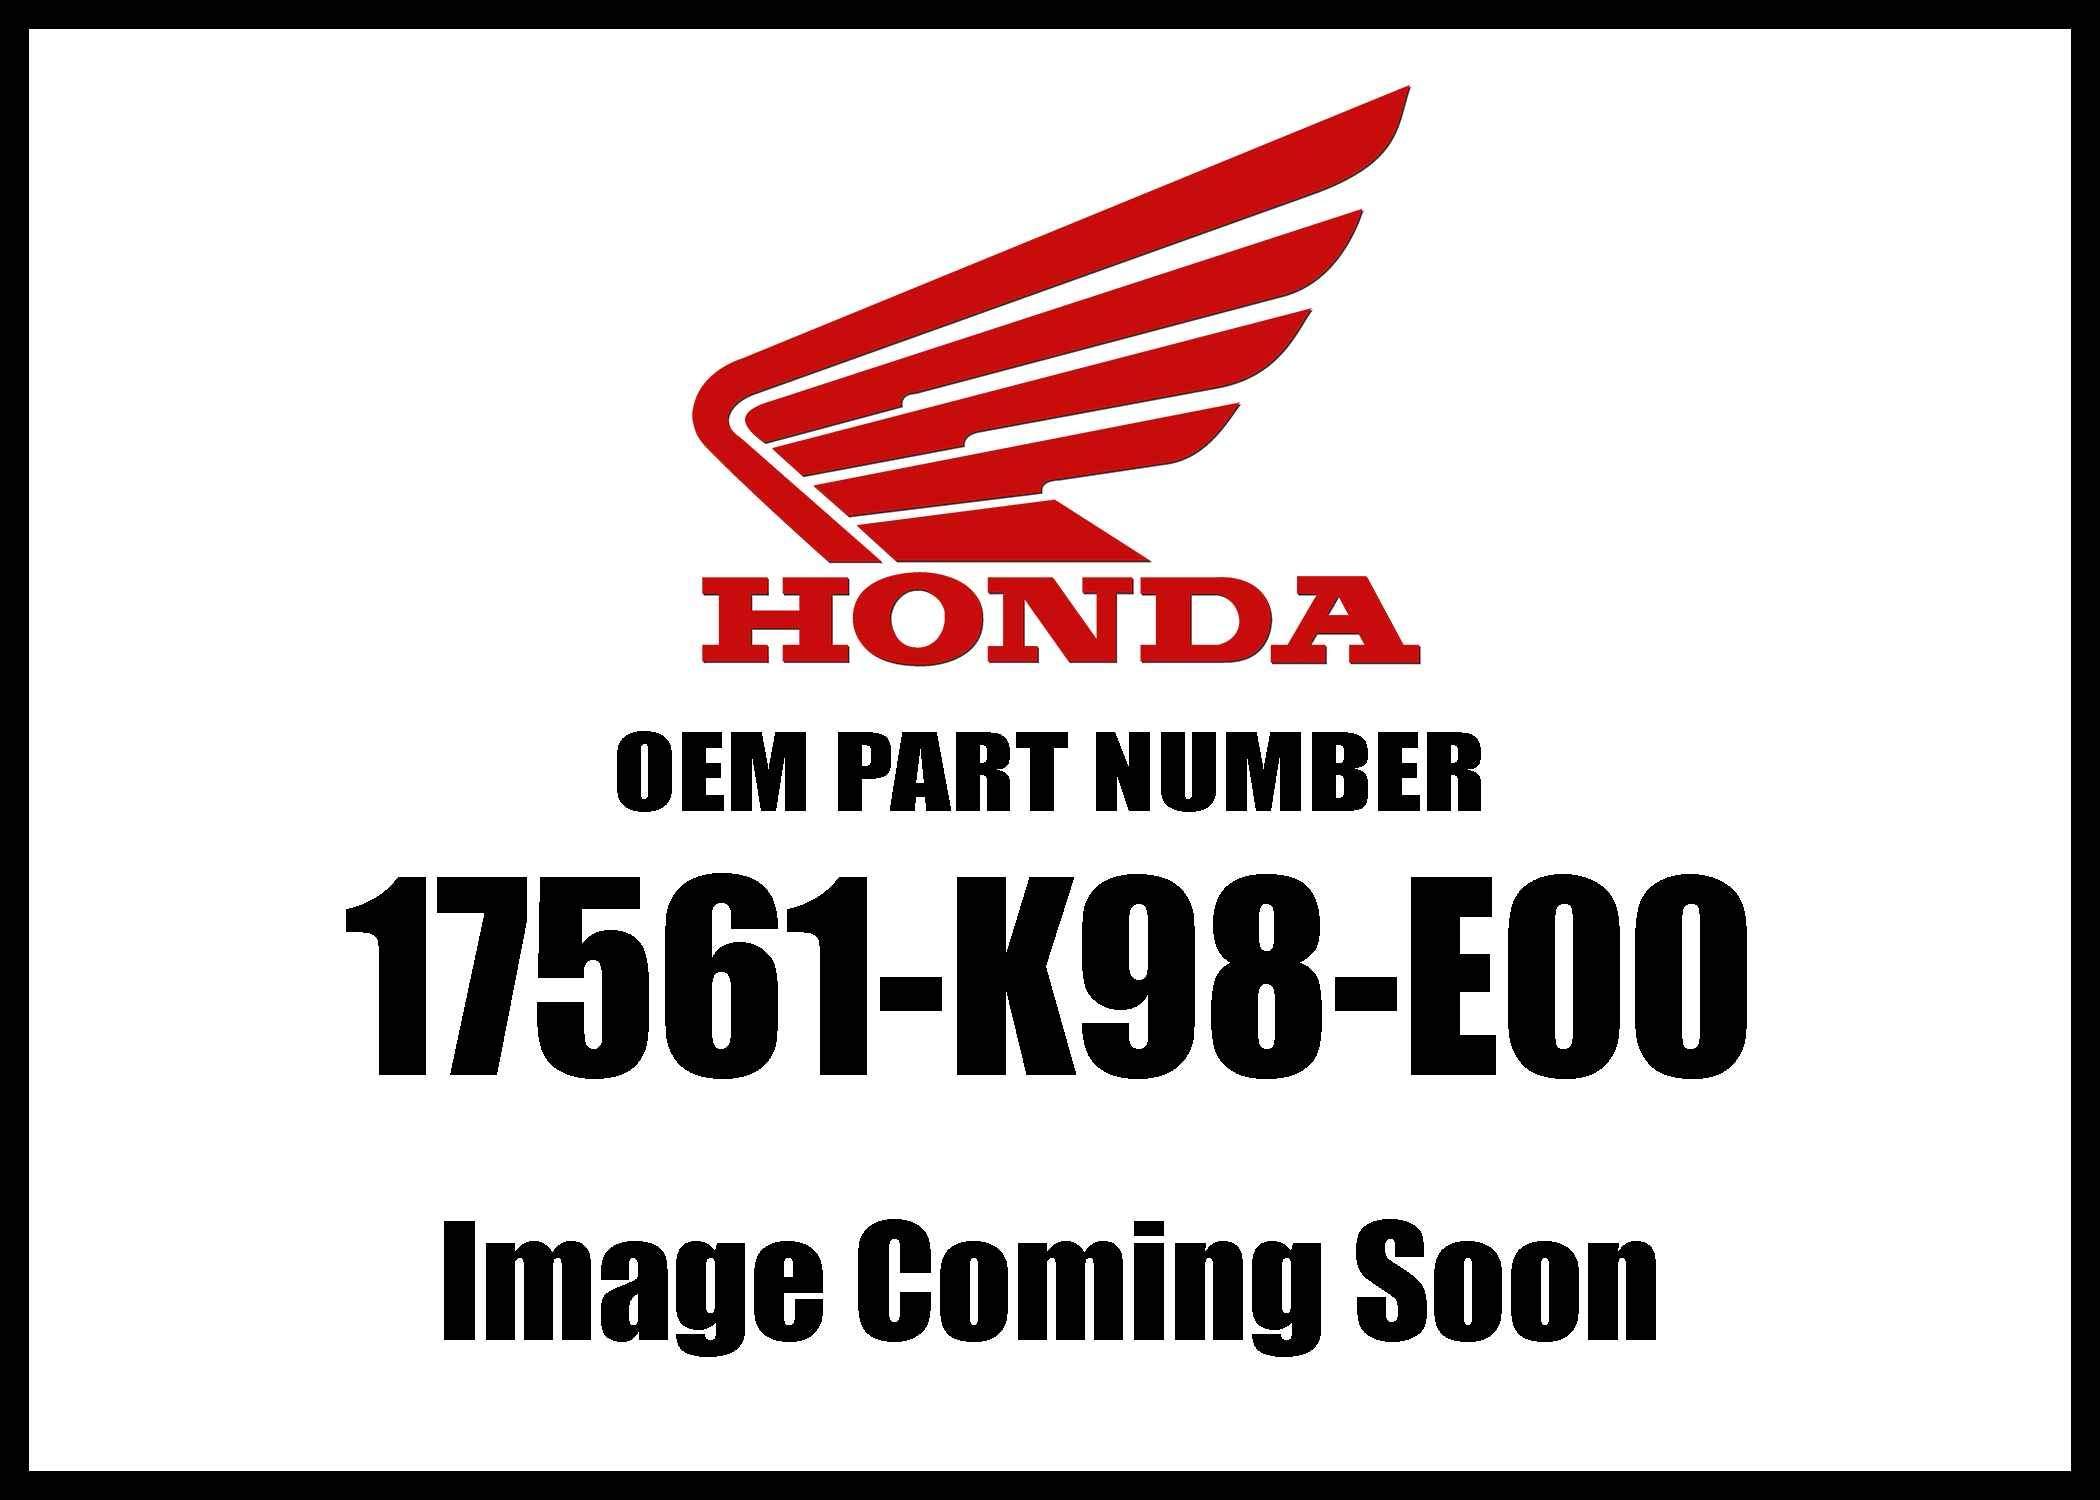 Honda Cbf300n '18 Joint Fuel Tube 17561-K98-E00 New Oem